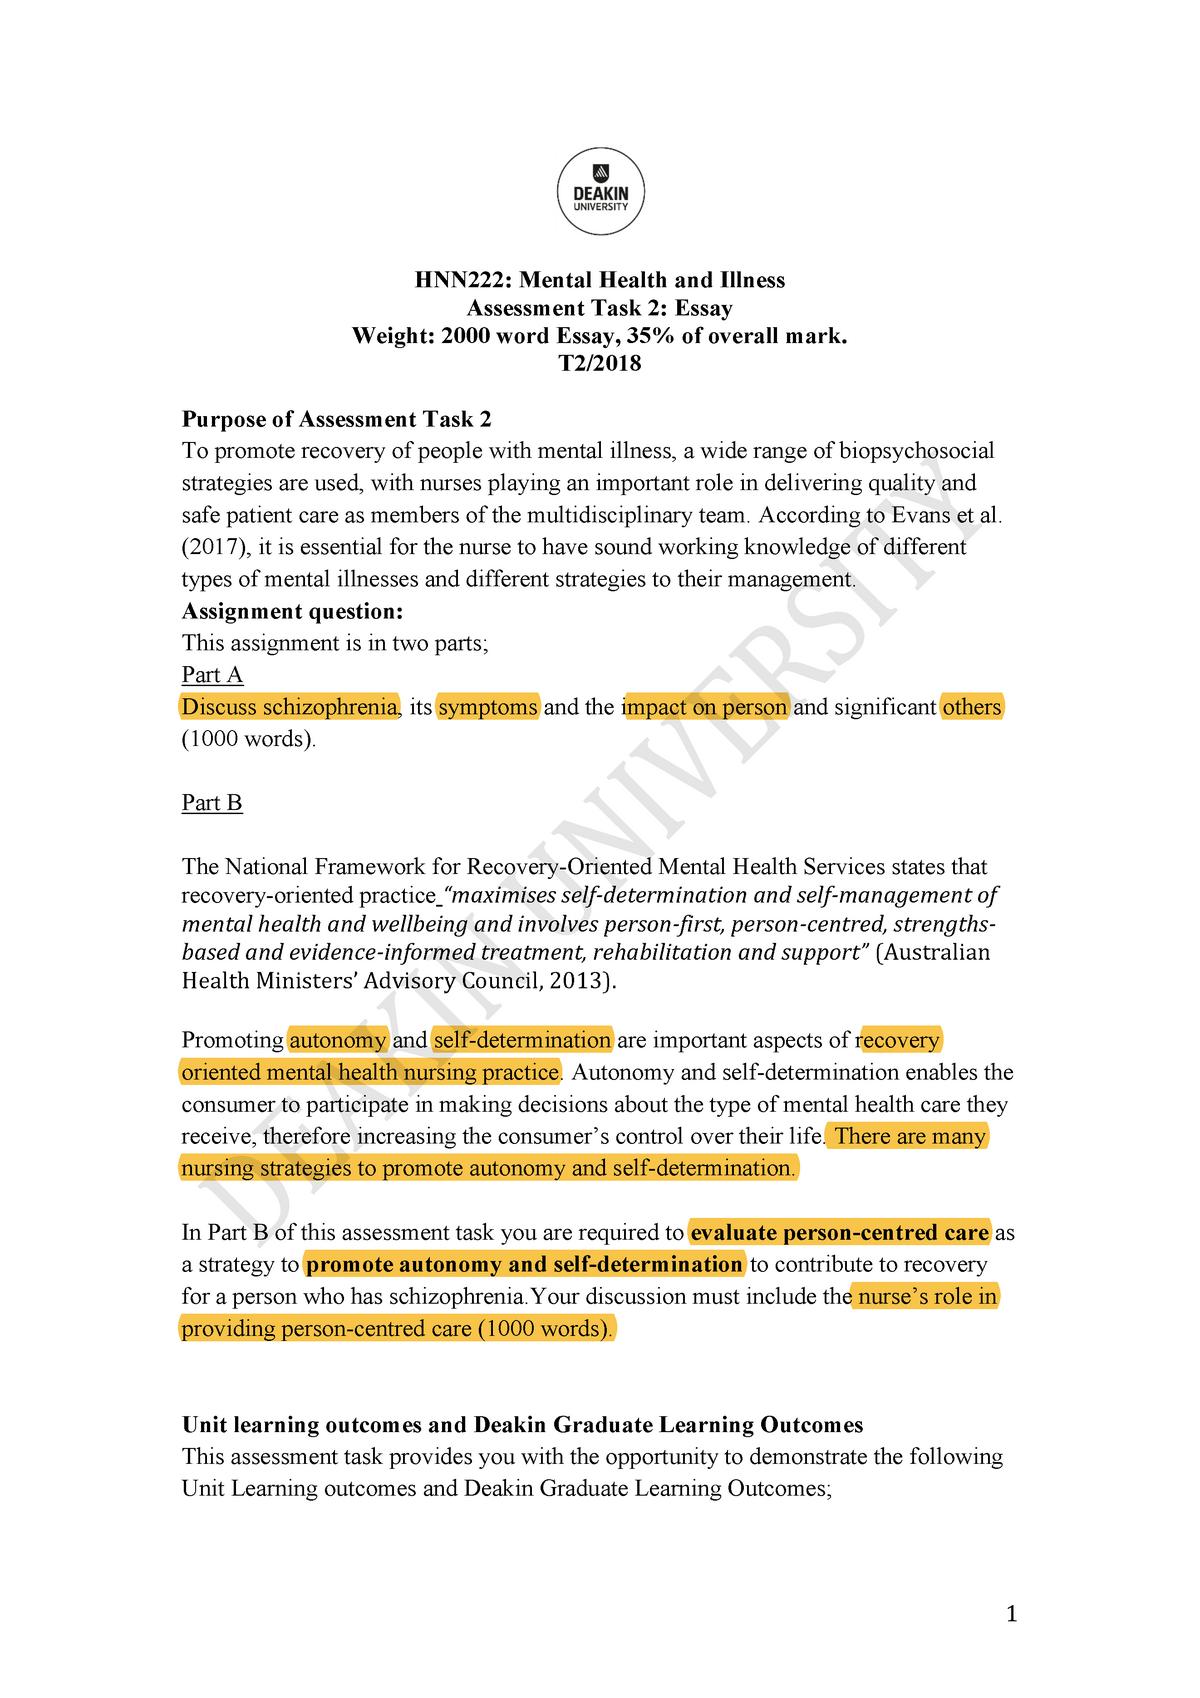 HNN222 T2 2018 Assessment Task 2 Essay - Deakin - StuDocu